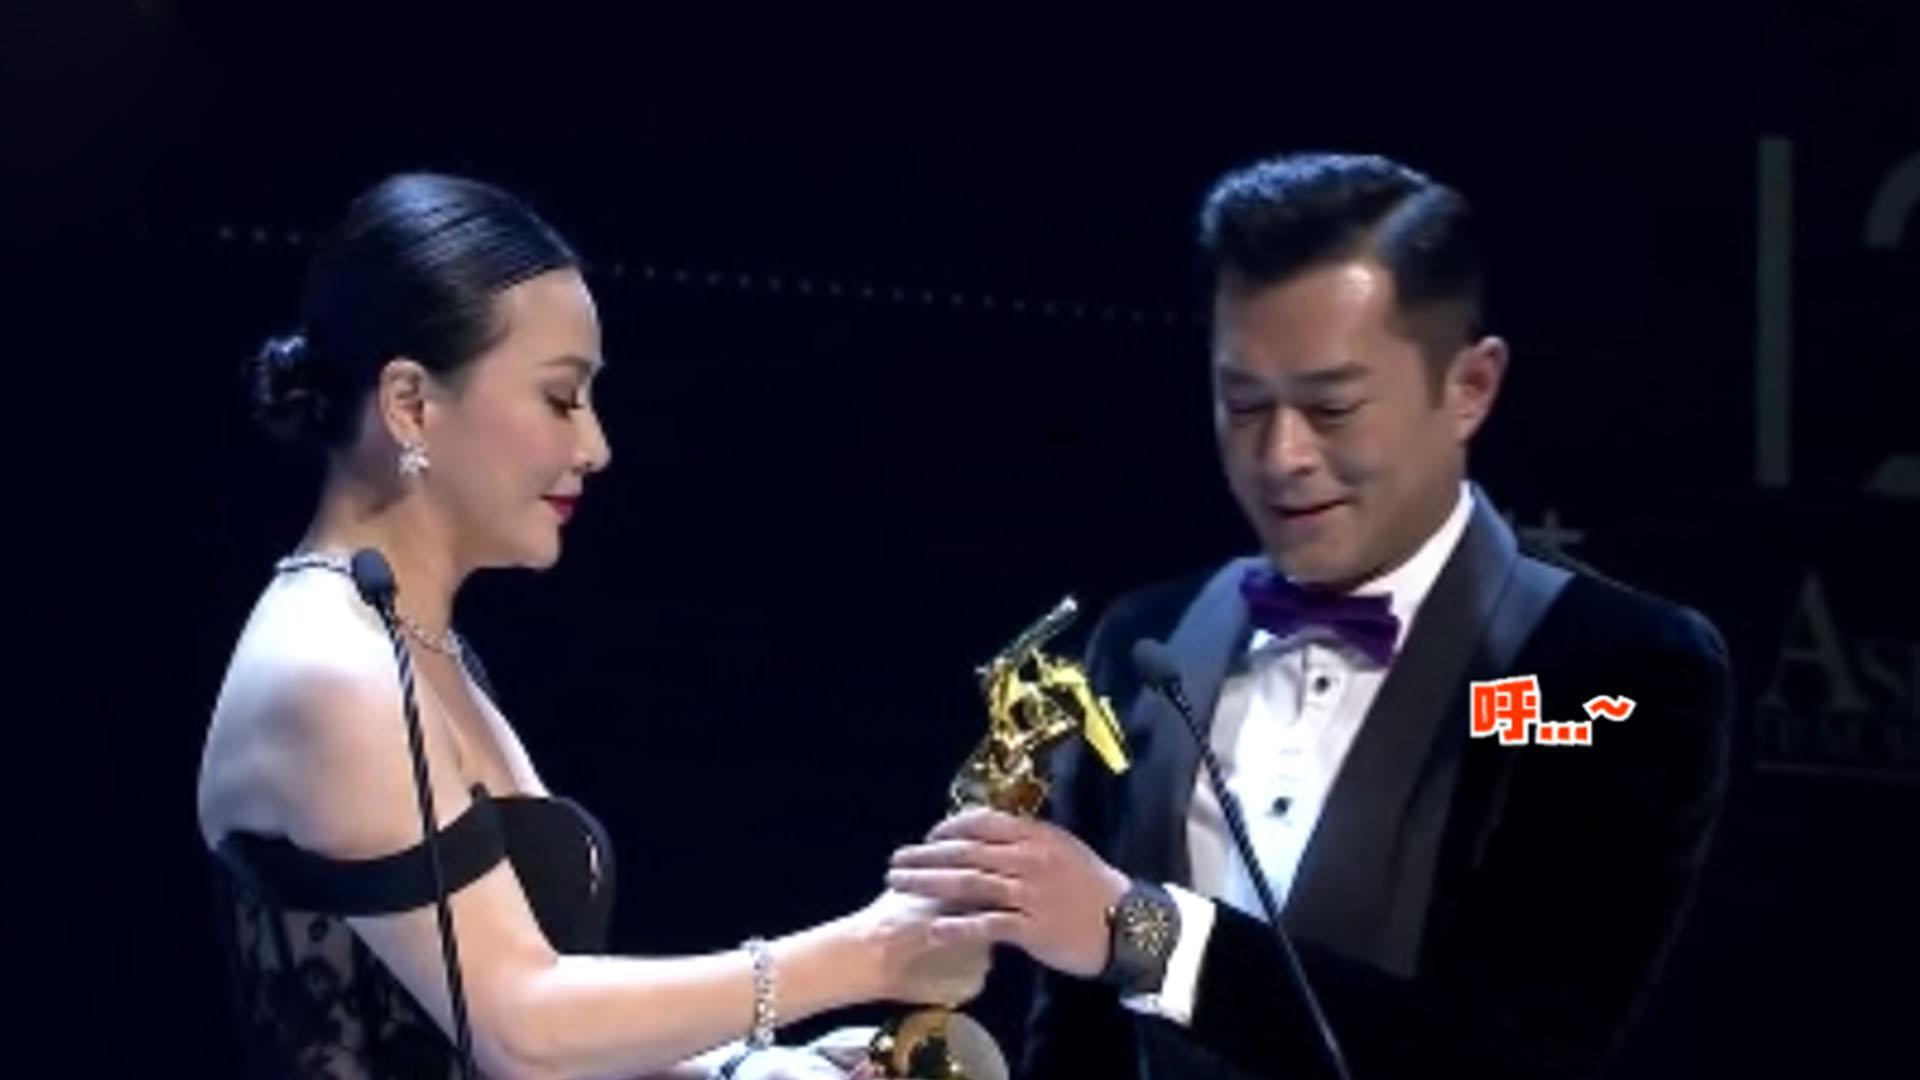 刘嘉玲颁奖典礼出意外,古天乐目不斜视,却还是暴露了小心思!